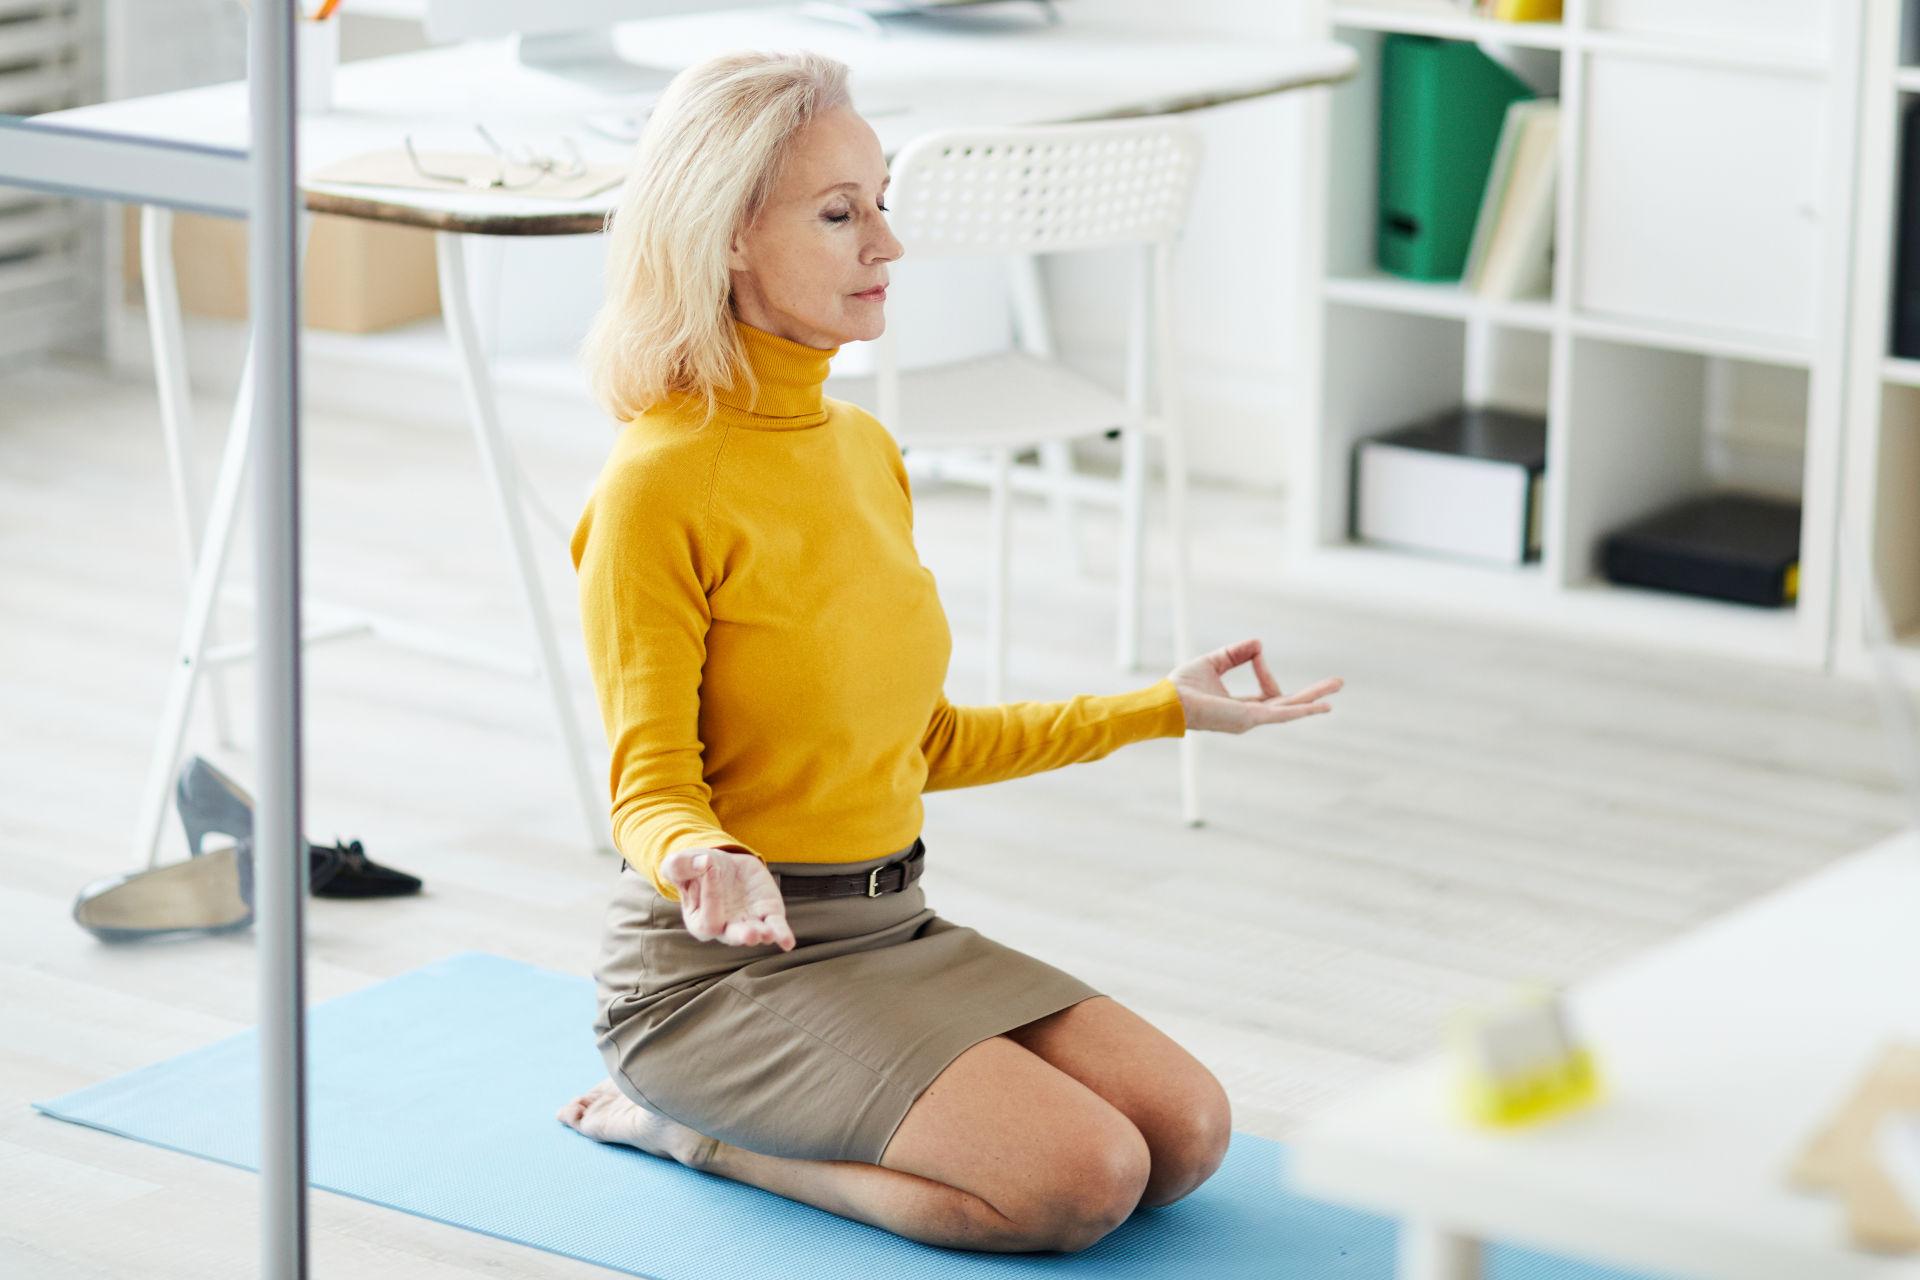 csikung jóga, életmódváltó program